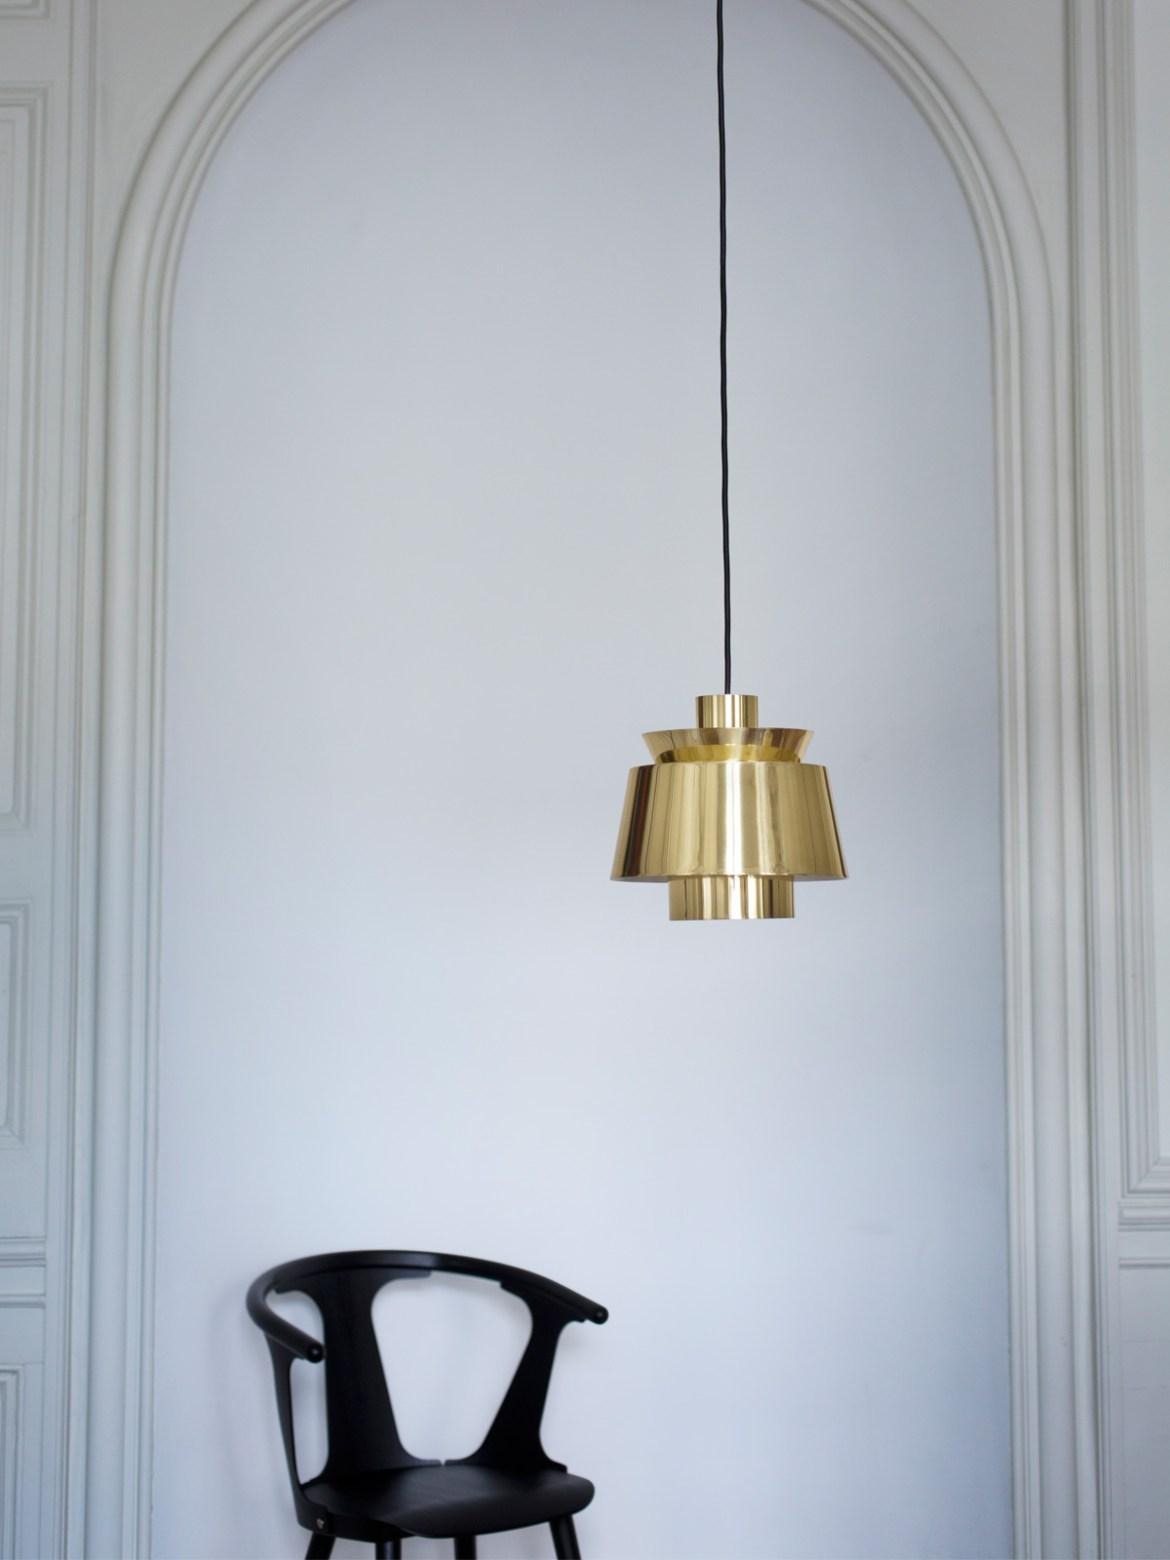 Maritime Designerleuchten   Lampen Leuchten ...